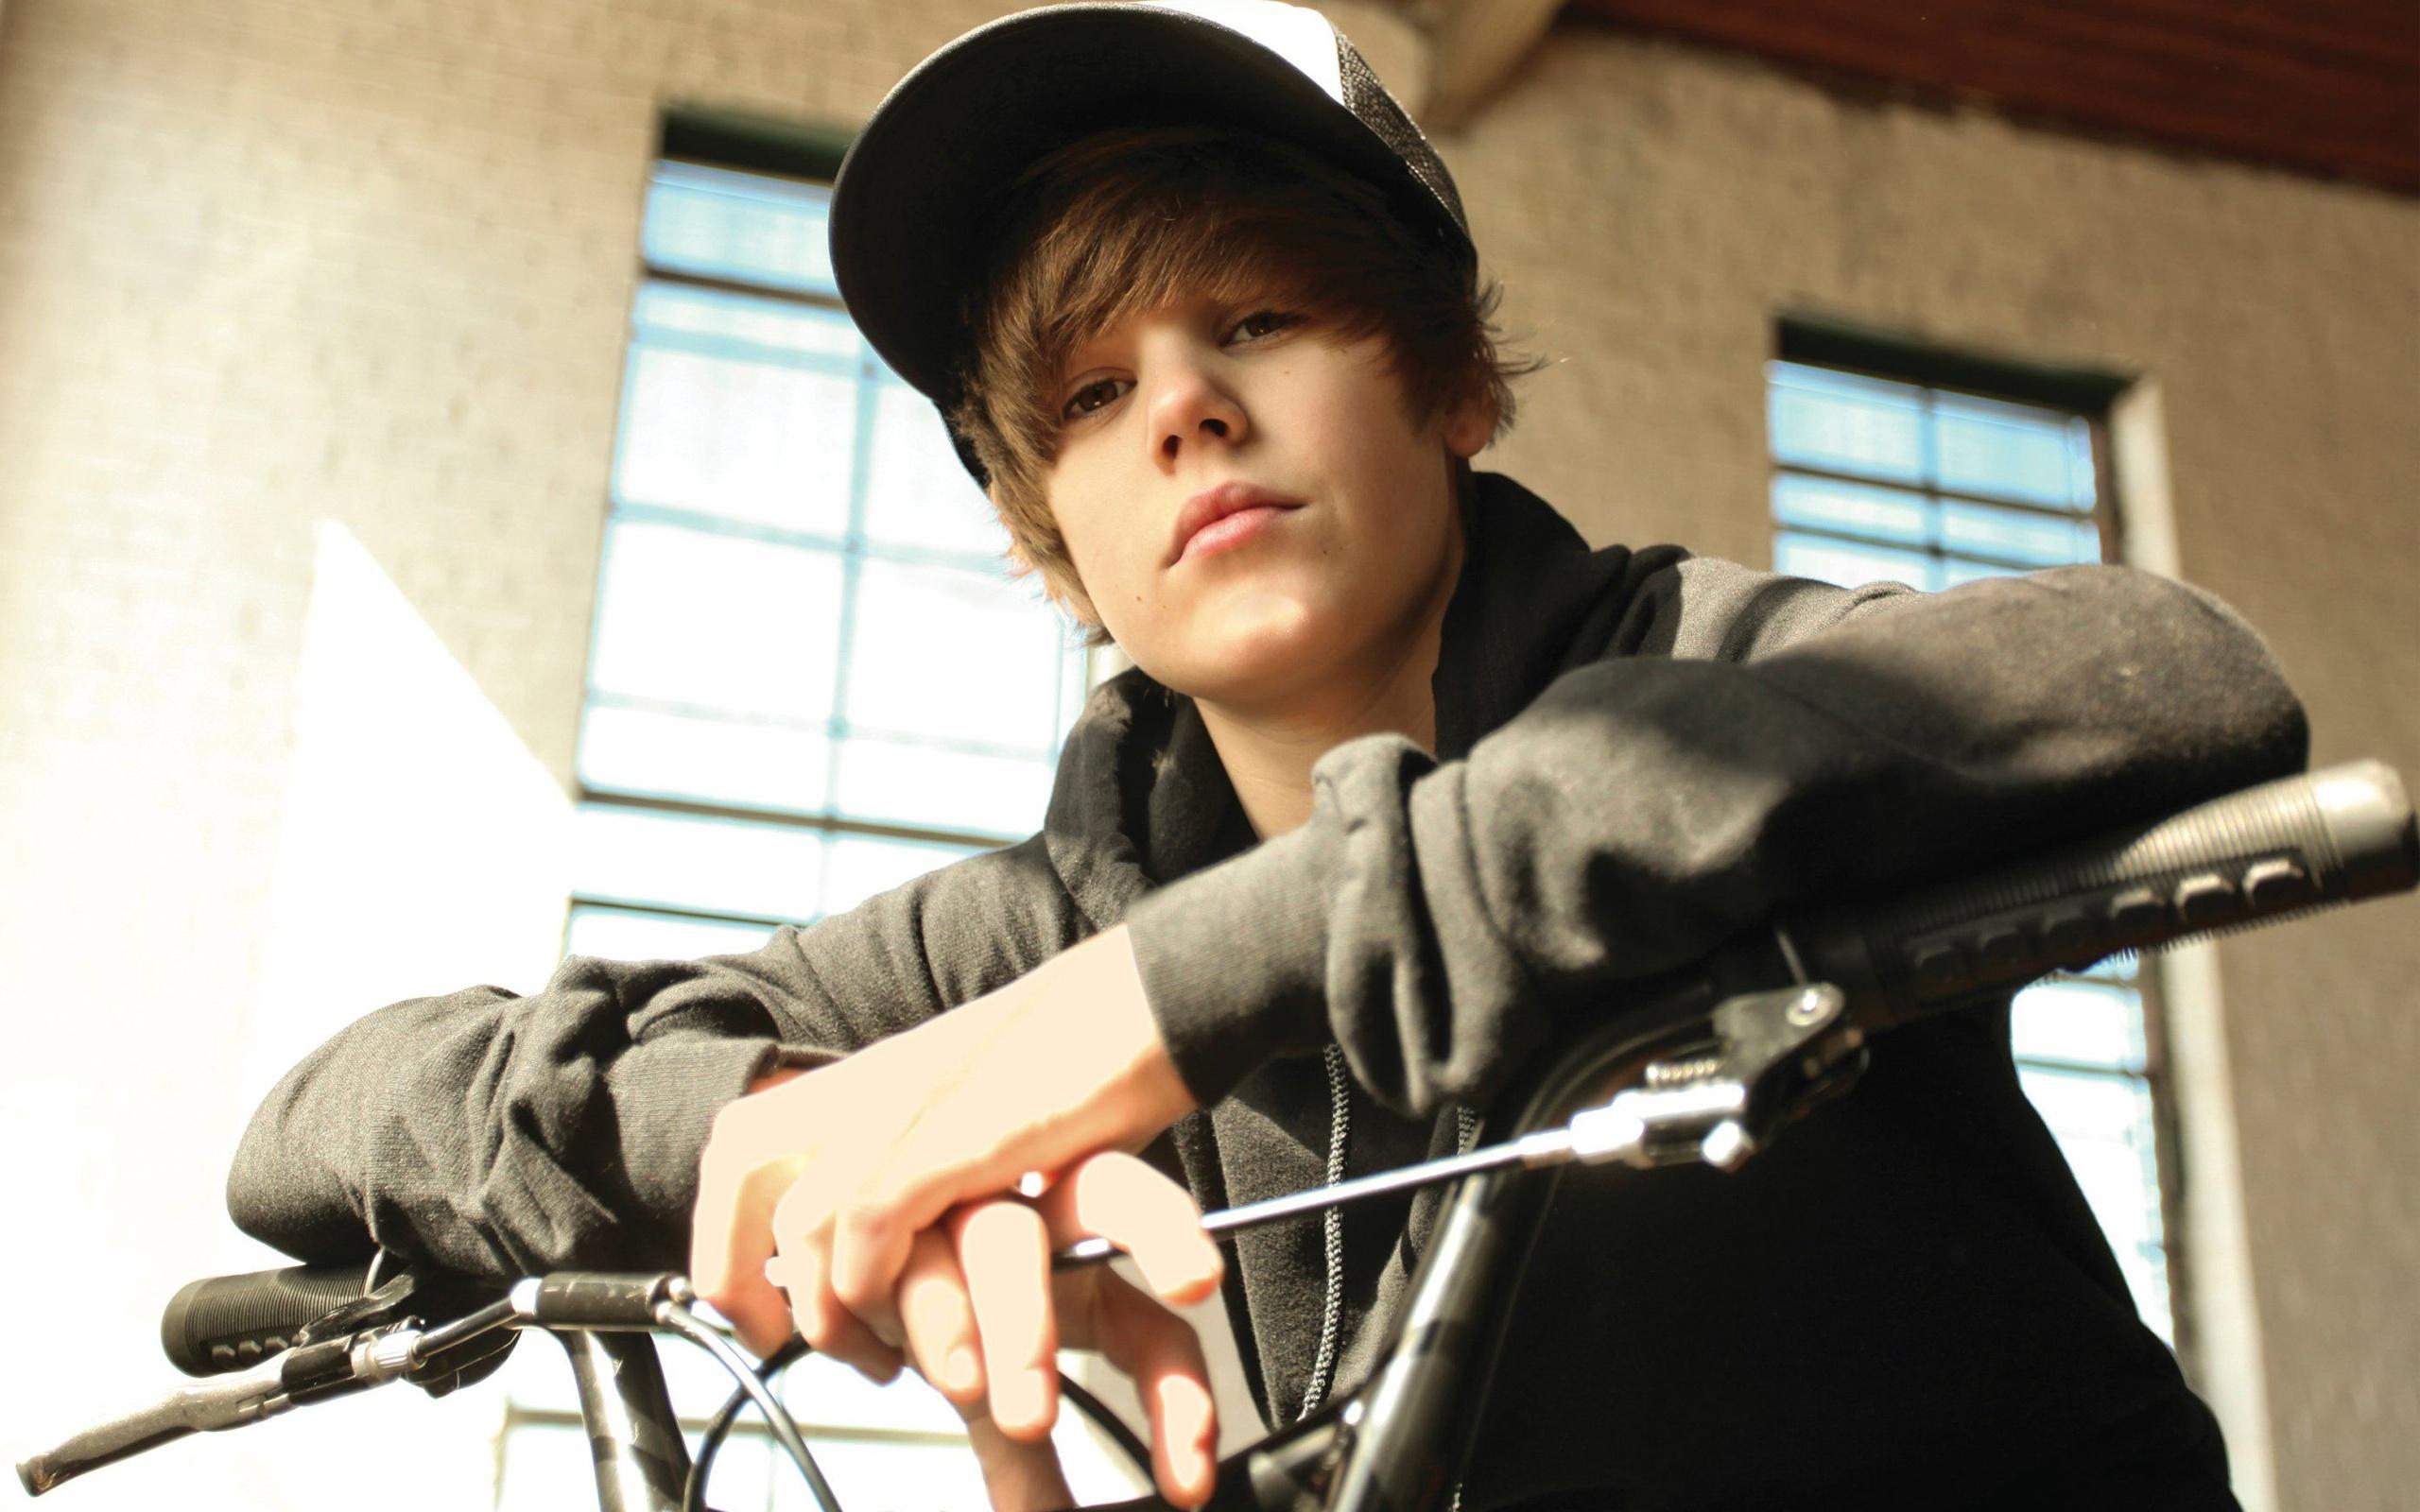 Justin-Bieber videos